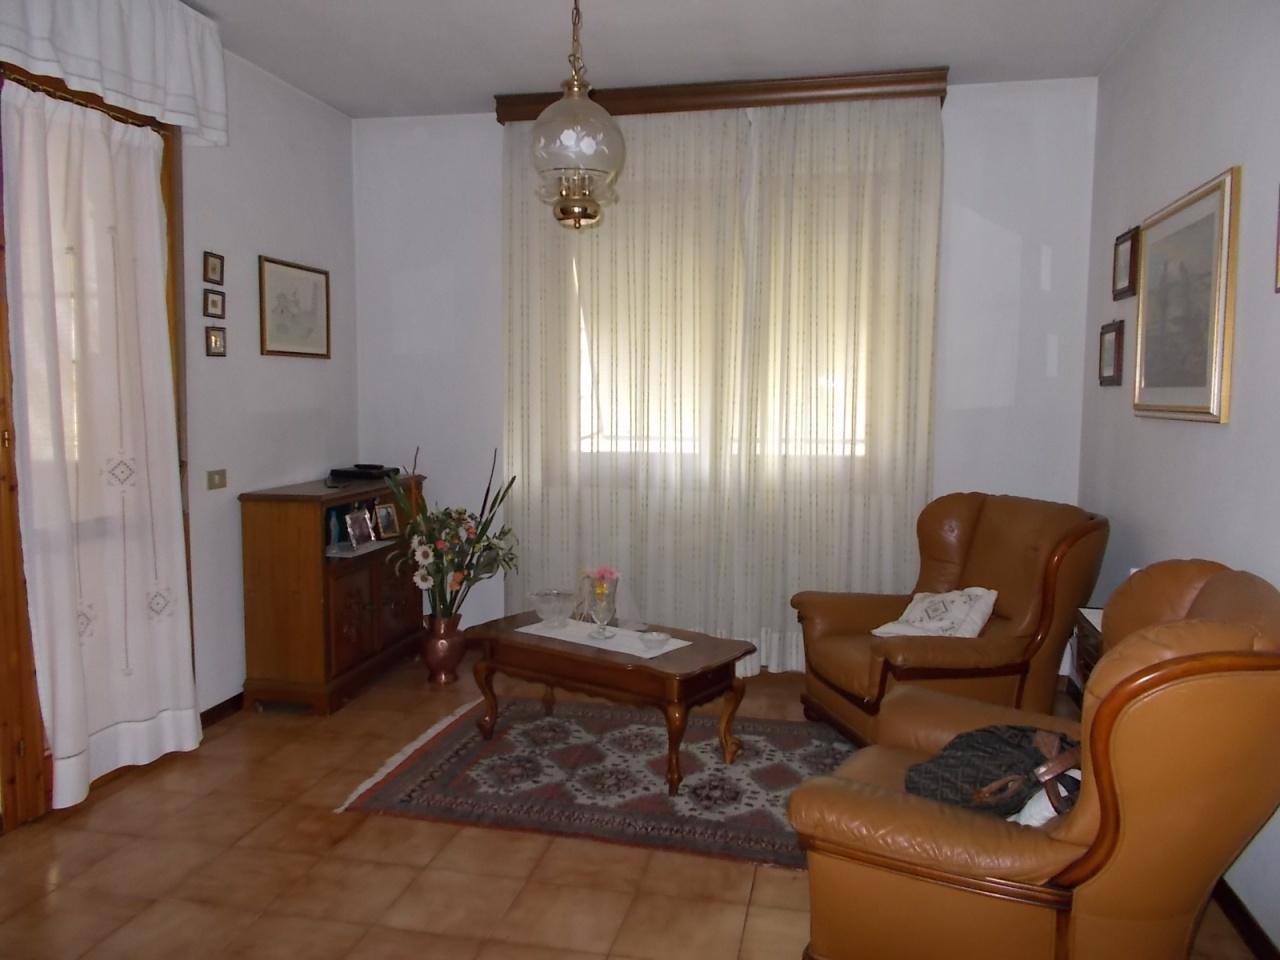 Appartamento 5 locali in vendita a Serravalle Pistoiese (PT)